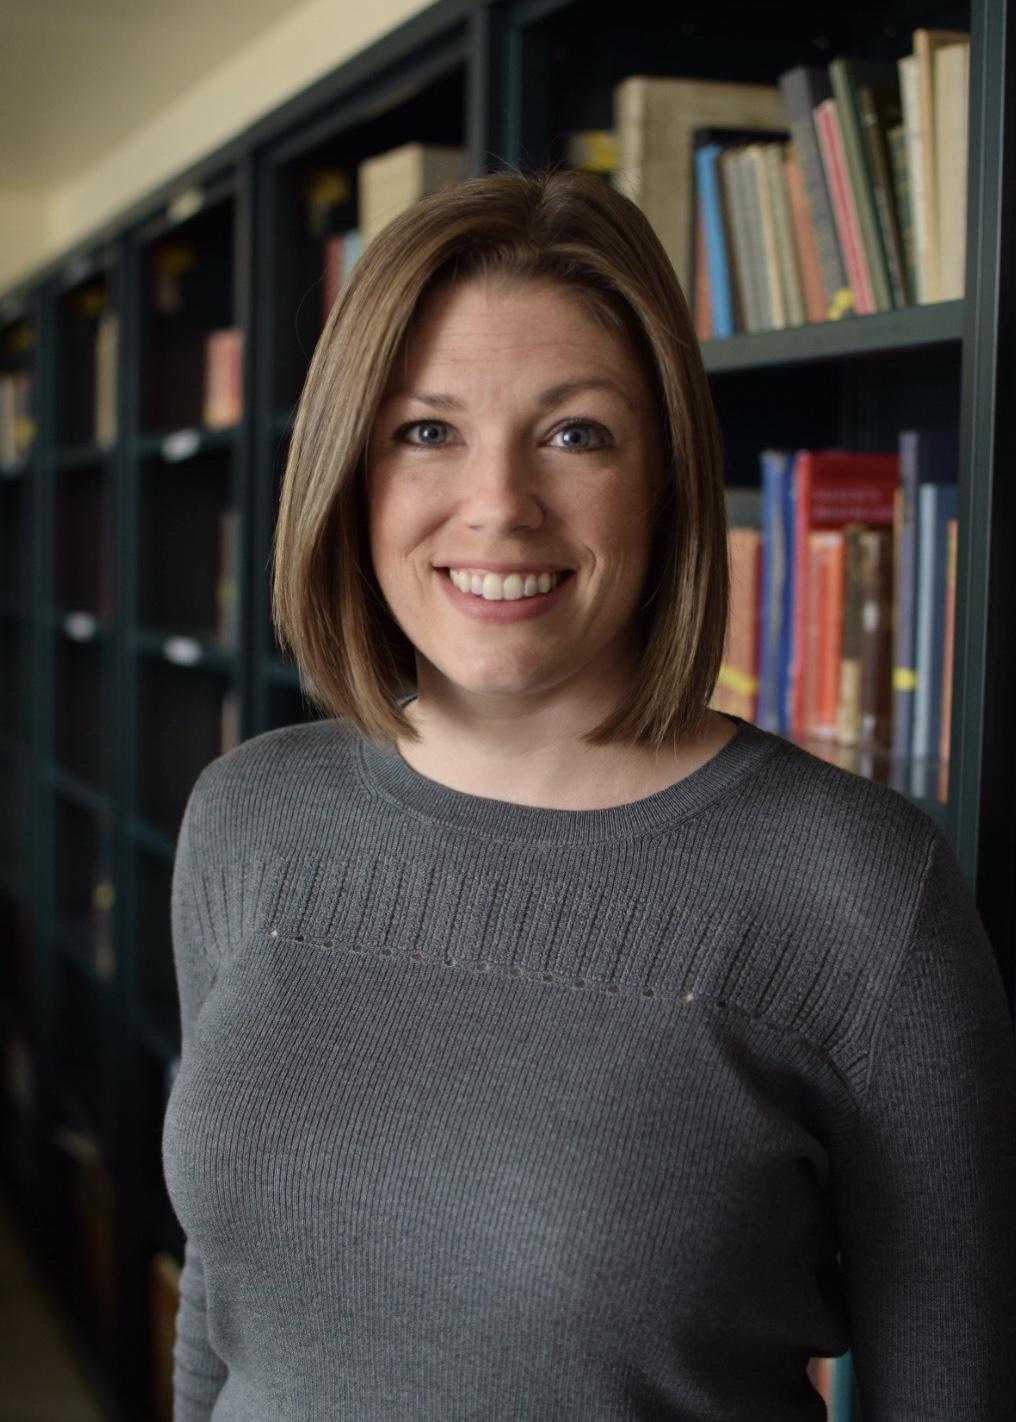 Portrait of Giuliana Perrone